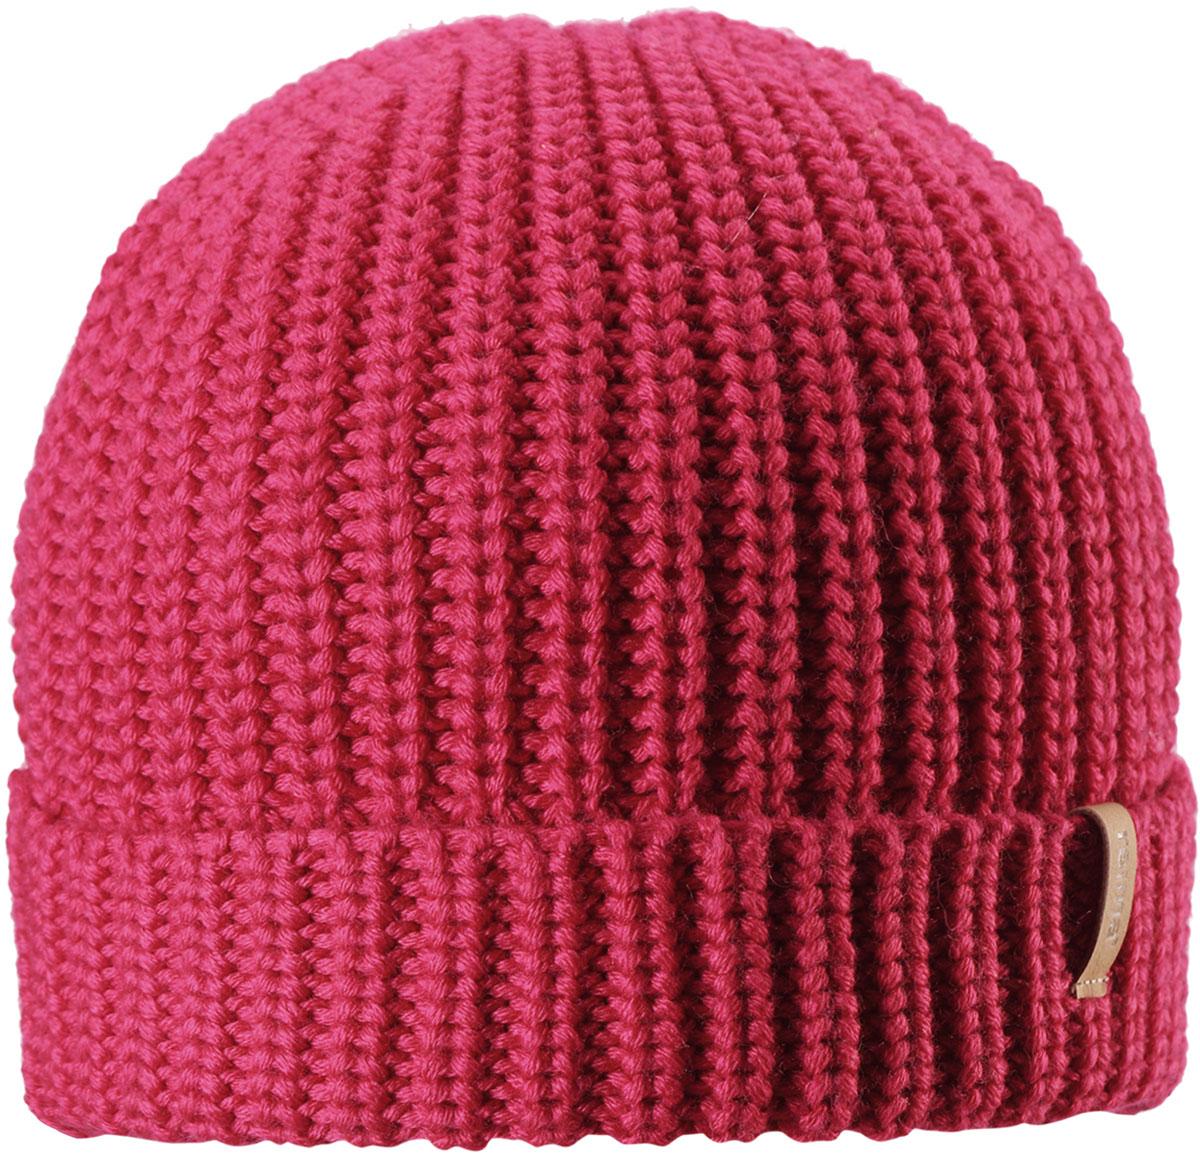 Шапка-бини для девочек Reima Vanttuu, цвет: розовый. 5285423560. Размер 505285423560